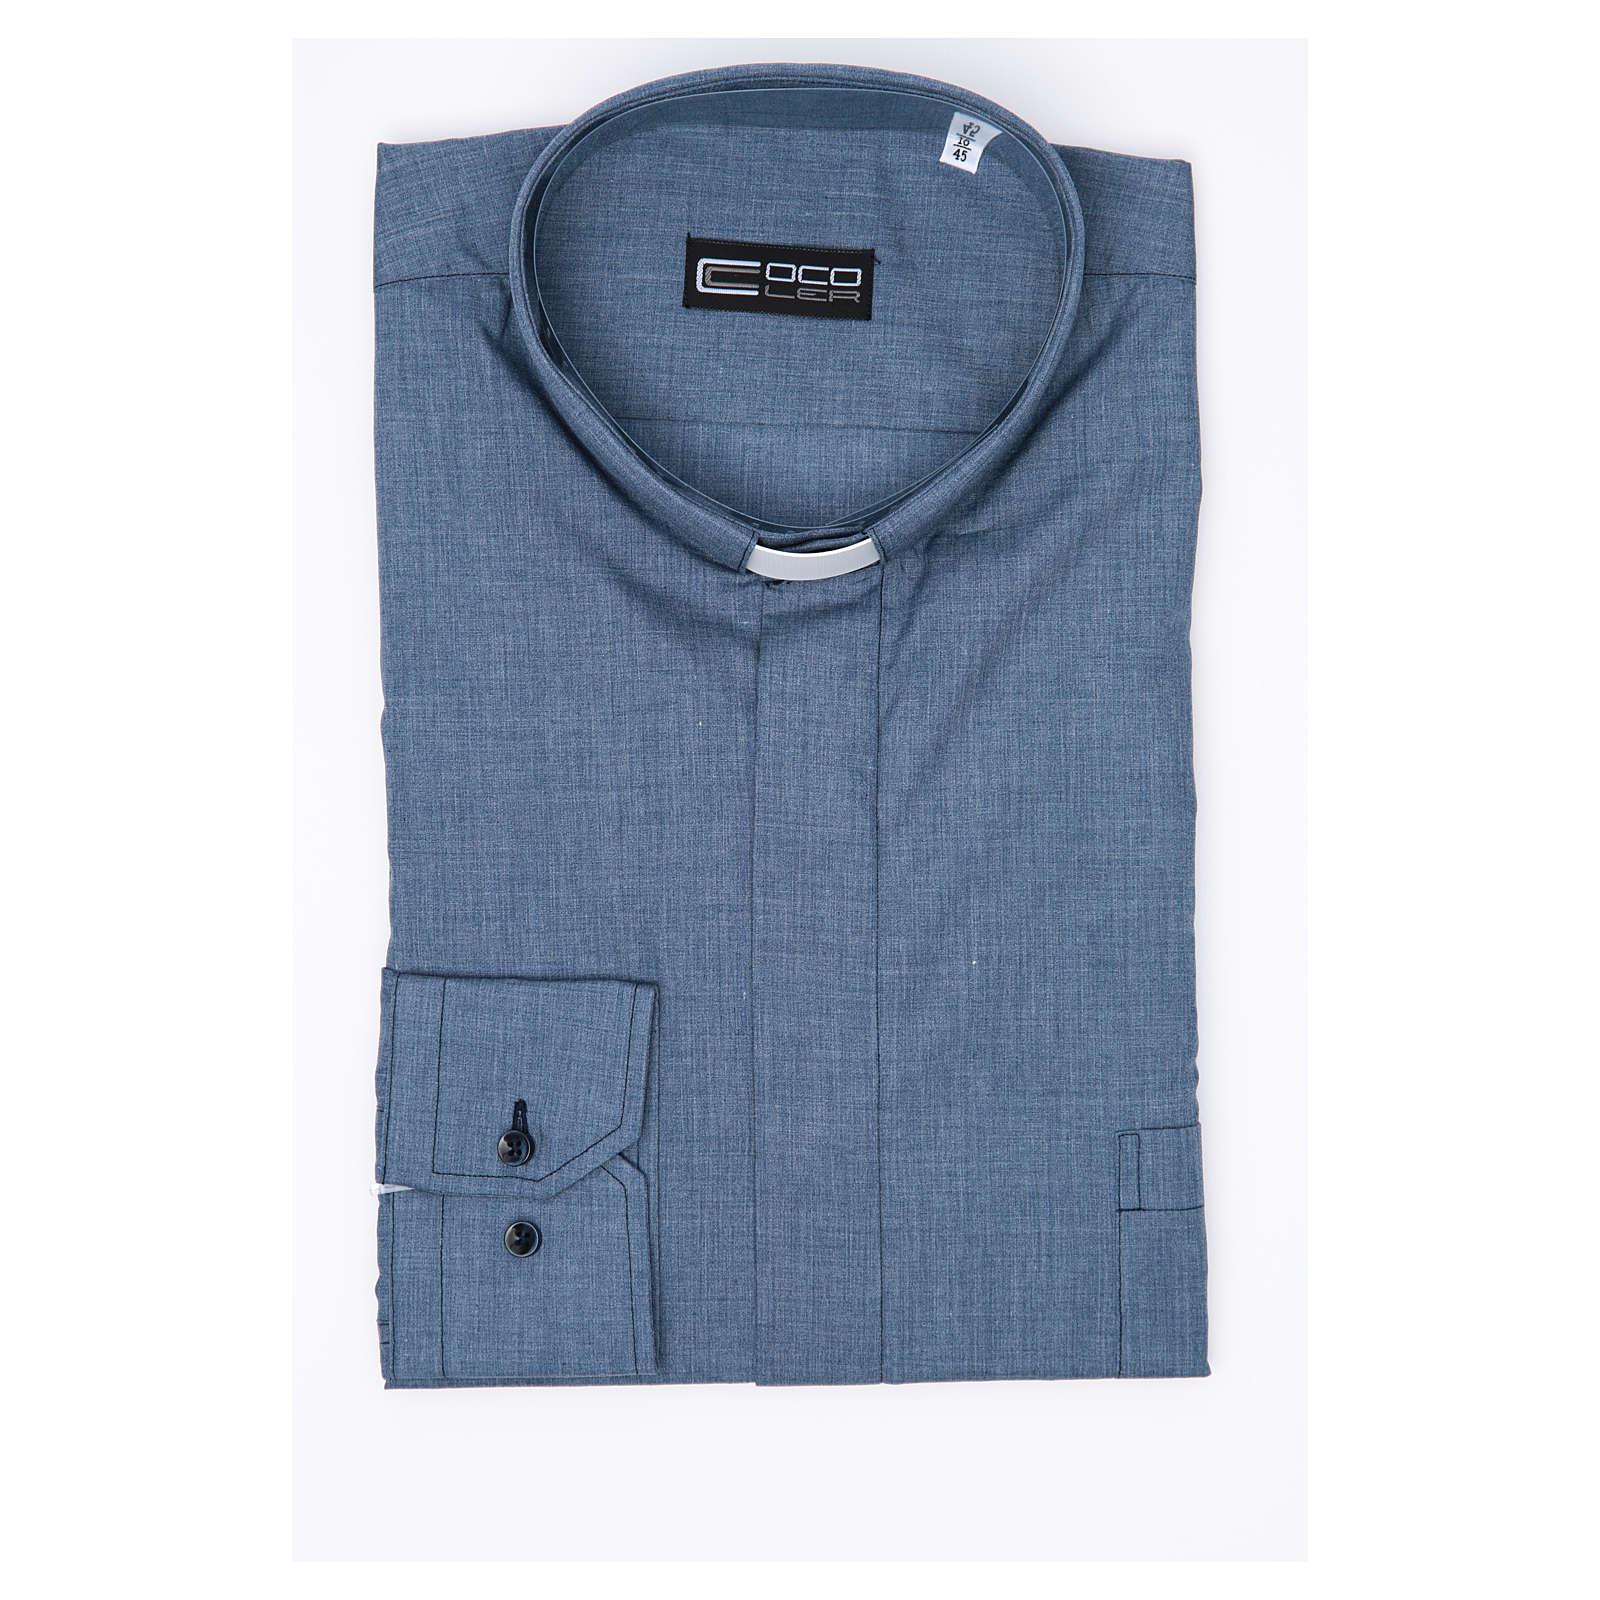 Koszula kapłańska długi rękaw, bawełna mieszana Jeans 4